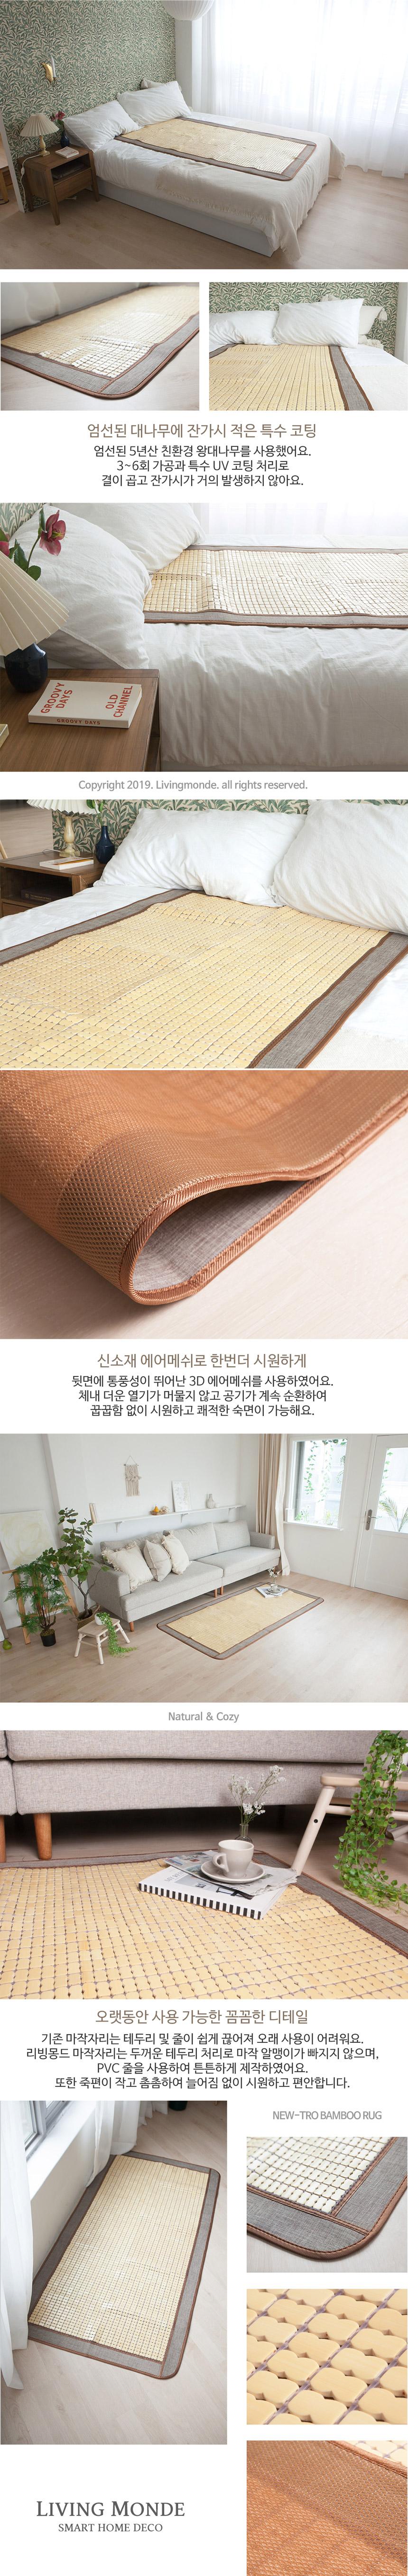 마작 침대용 대자리 돗자리 90X180cm - 리빙몽드 러그, 62,000원, 여름용매트, 대자리/여름자리